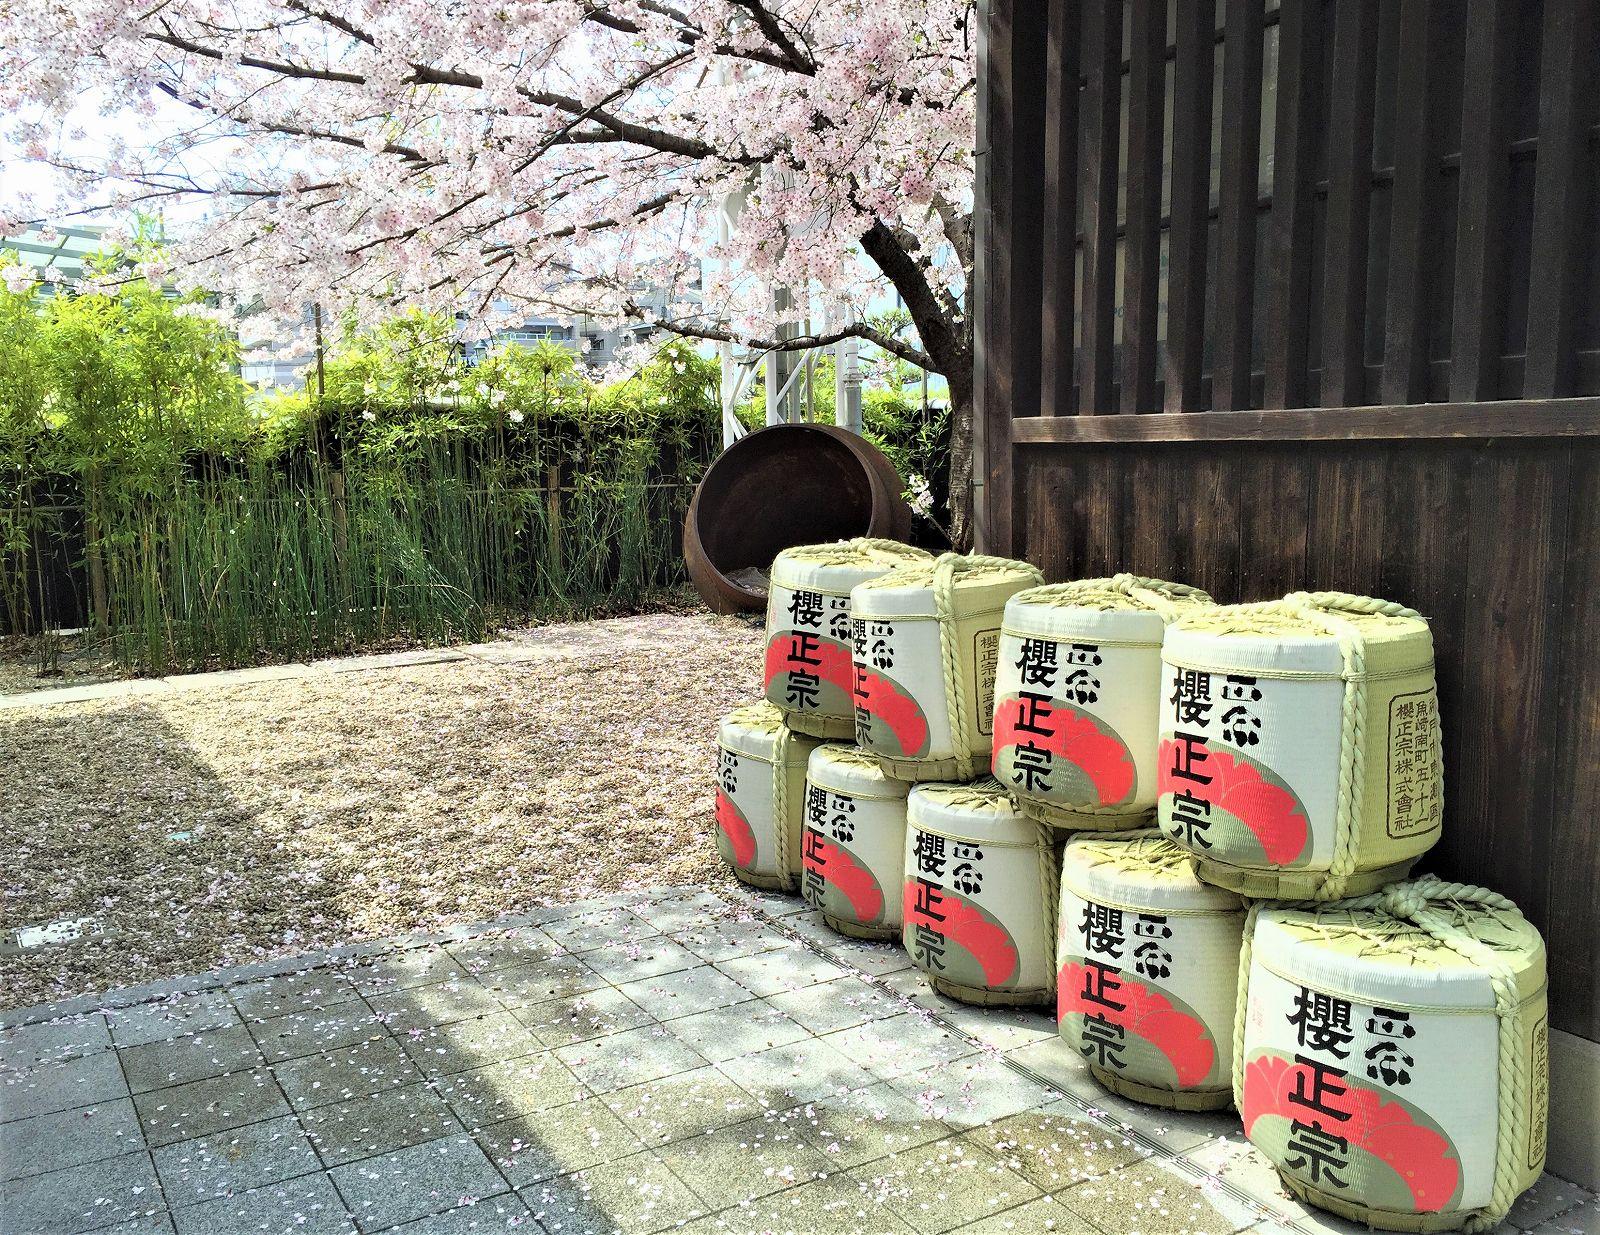 神戸・魚崎の「櫻正宗」で『第16回「蔵開き」』が11/3(土)に開催されるよ! #櫻正宗 #蔵開き #酒蔵 #灘五郷 #日本酒